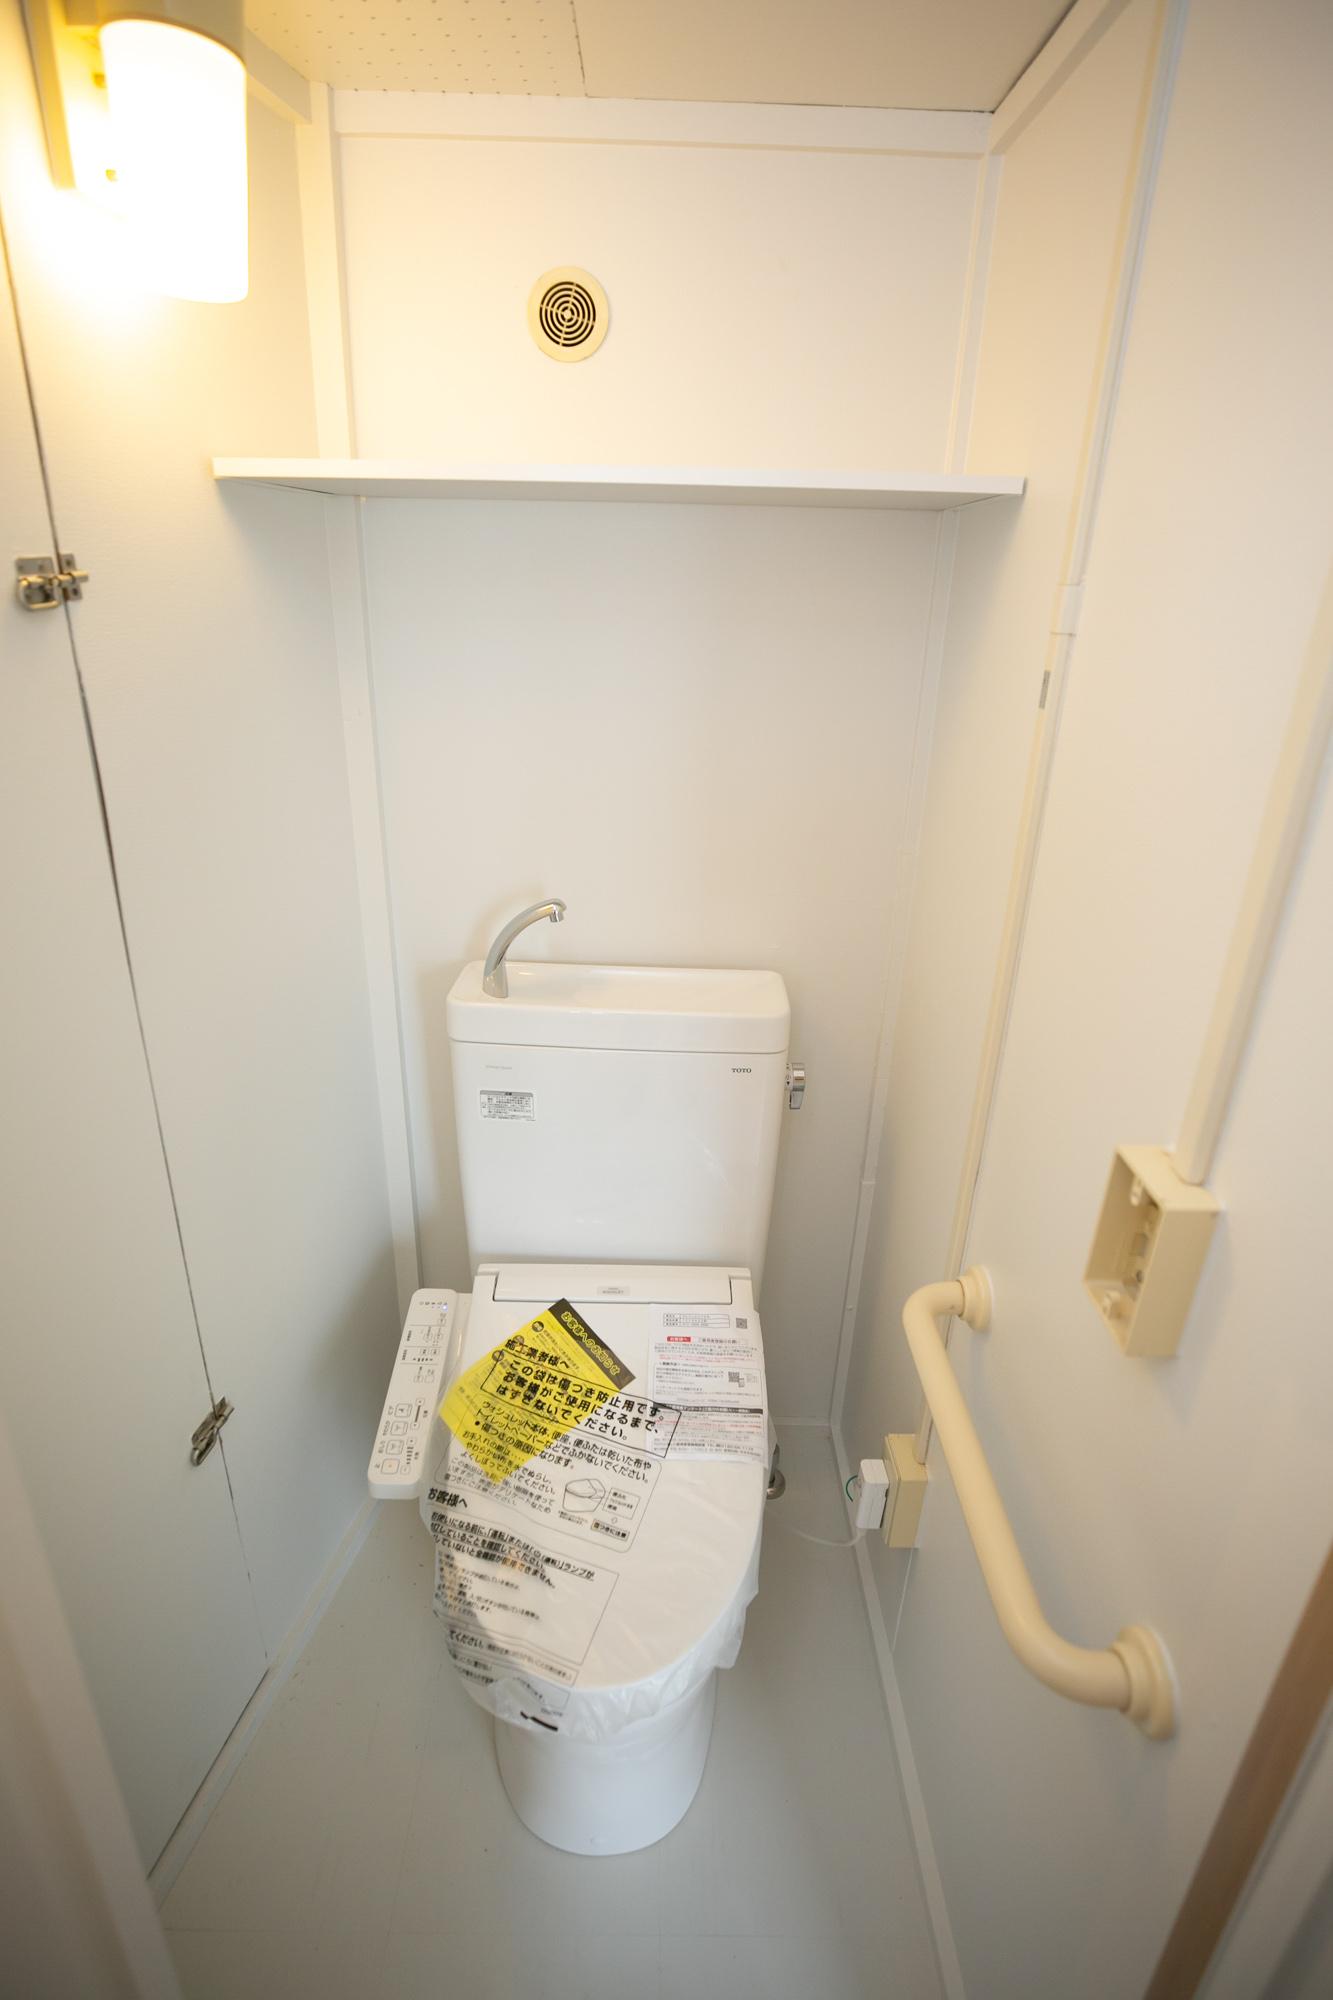 トイレはウォシュレット付き。機能もしっかり整っているので安心して暮らせますよ。